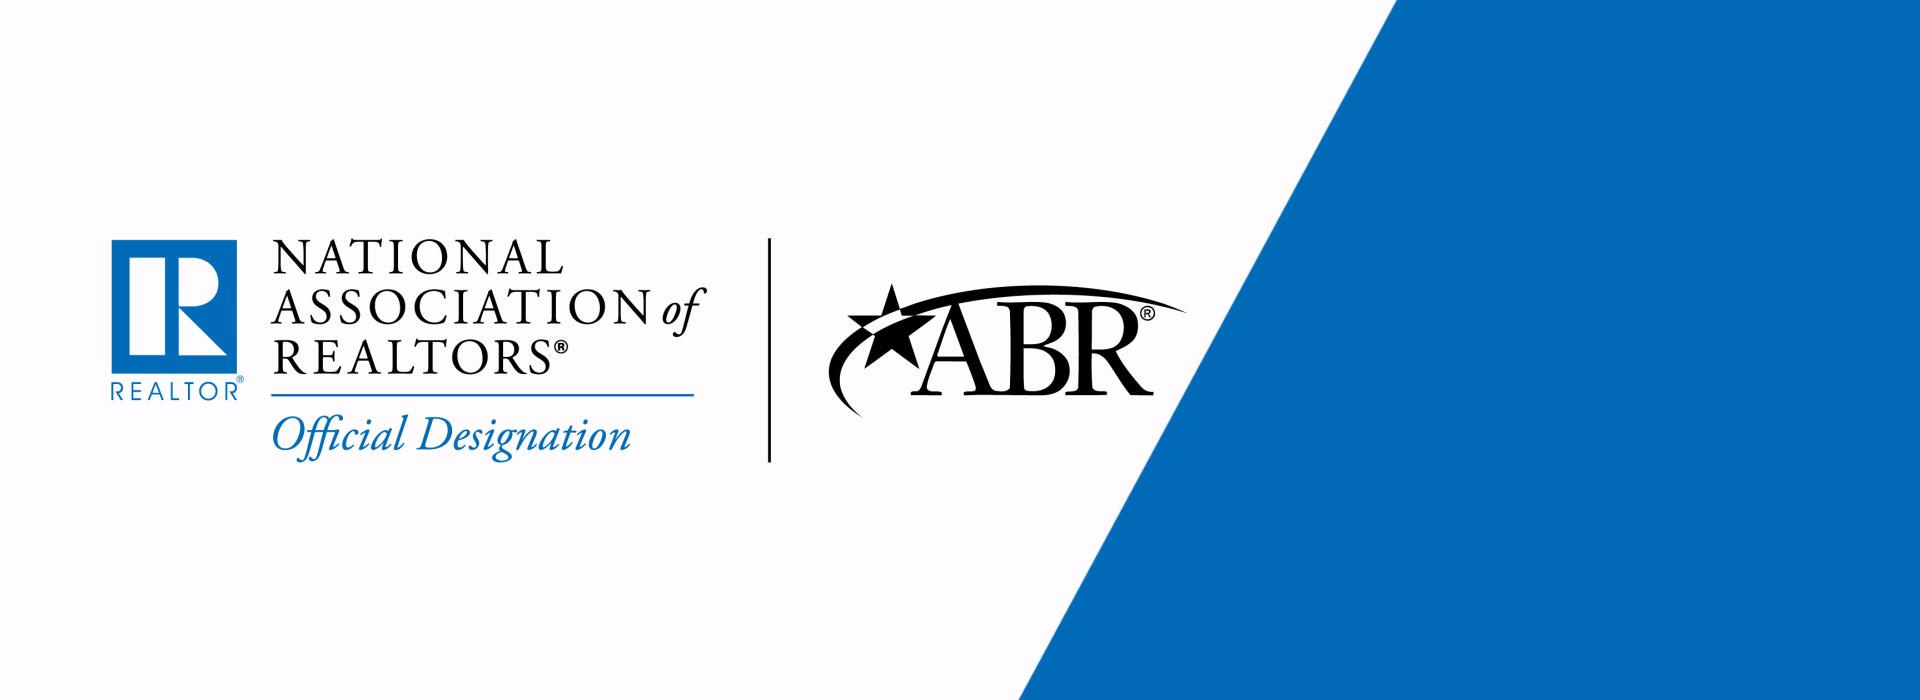 Accredited Buyer's Representative® Designation: June 29th-30th